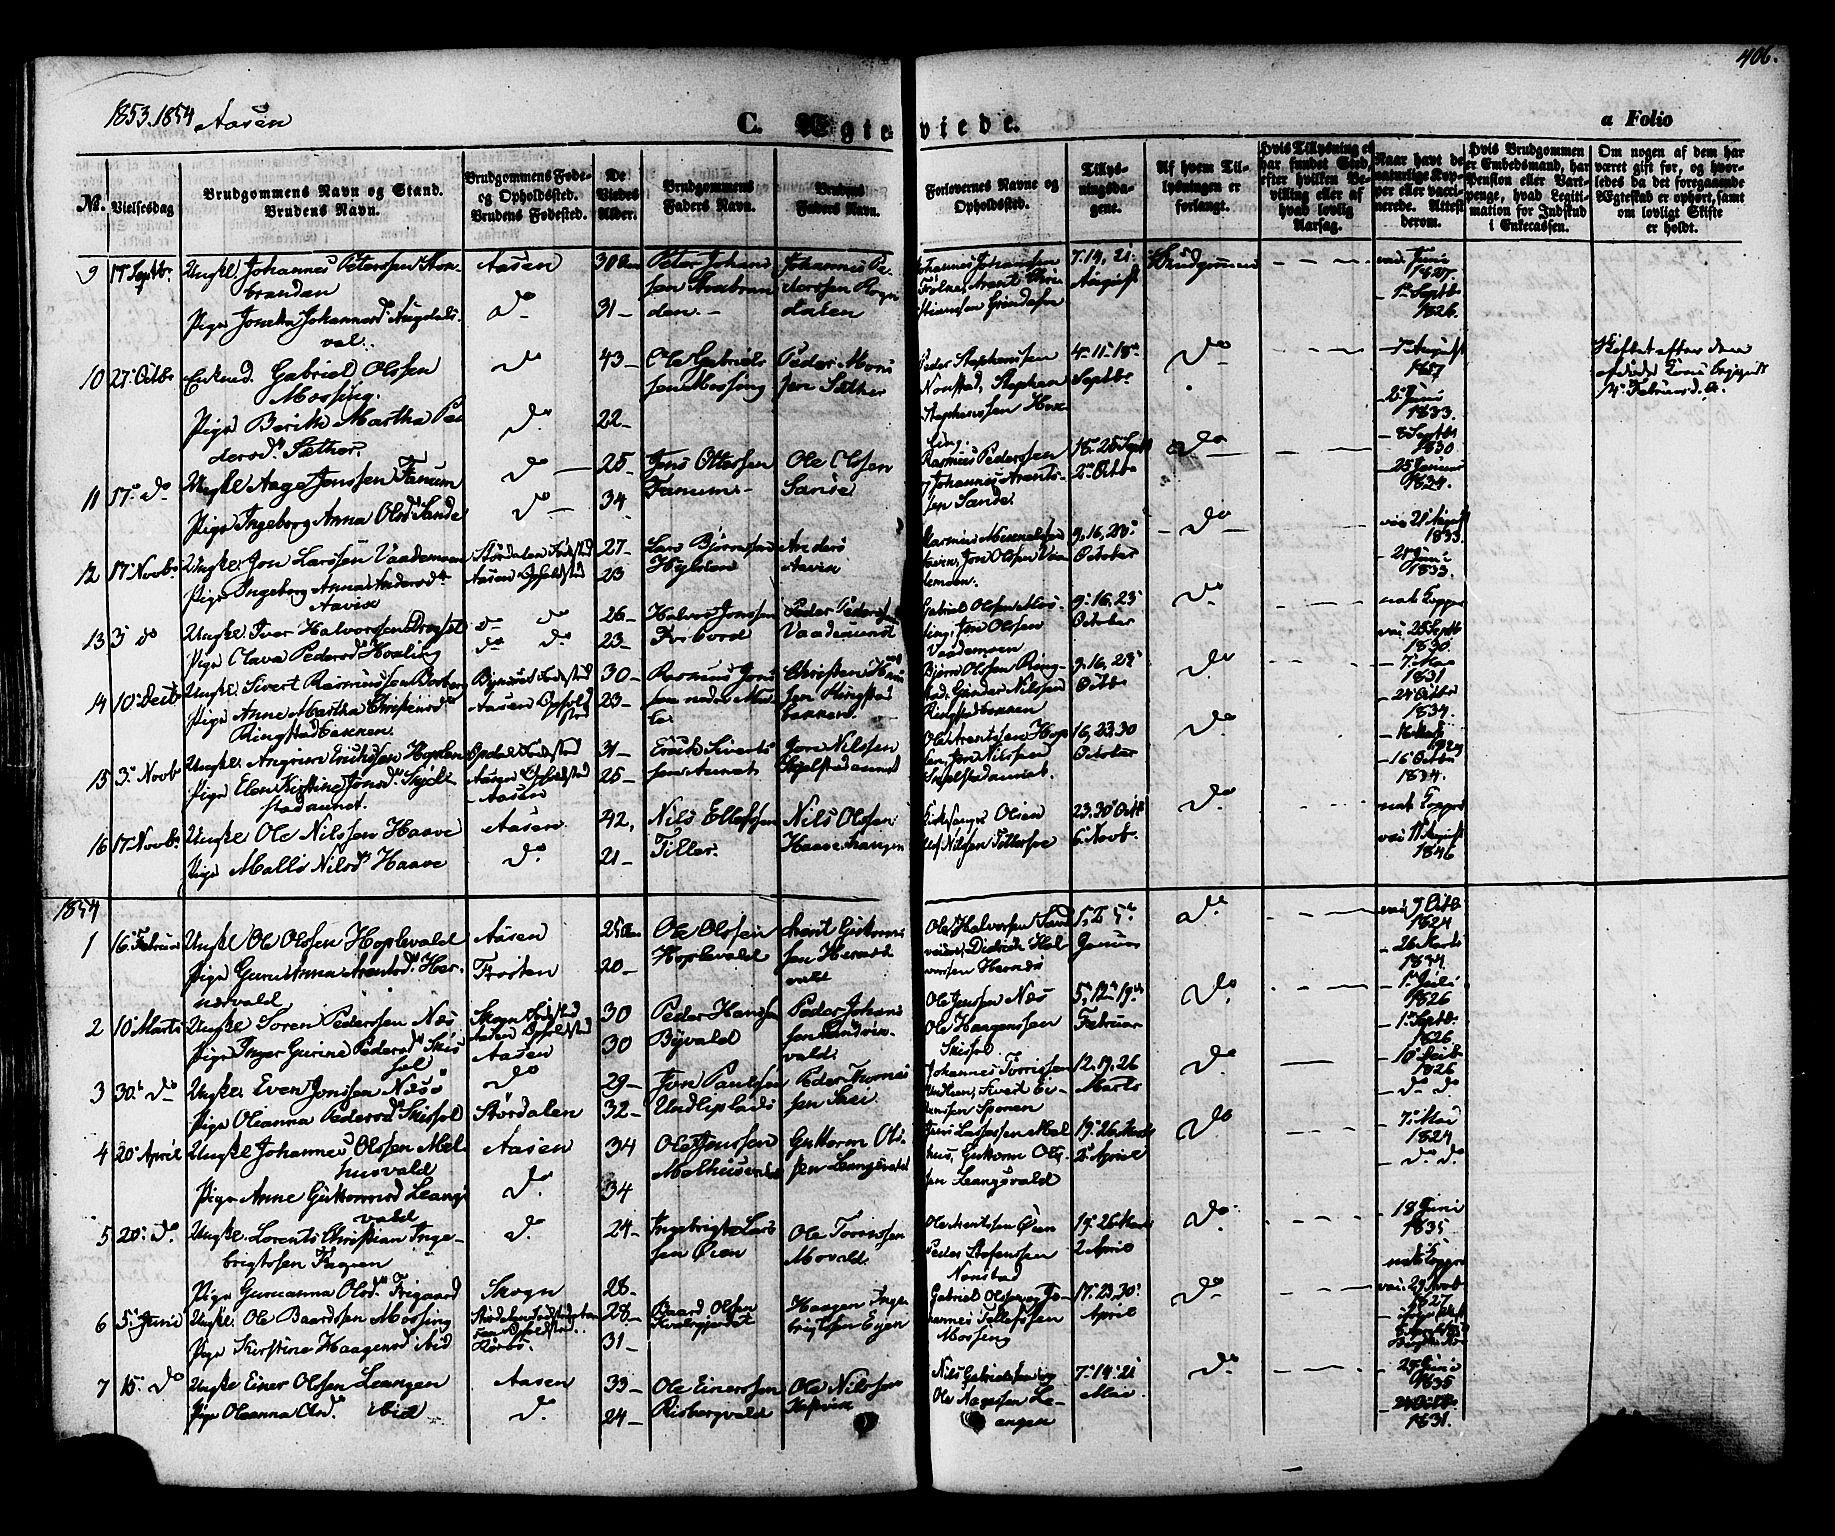 SAT, Ministerialprotokoller, klokkerbøker og fødselsregistre - Nord-Trøndelag, 713/L0116: Ministerialbok nr. 713A07, 1850-1877, s. 406